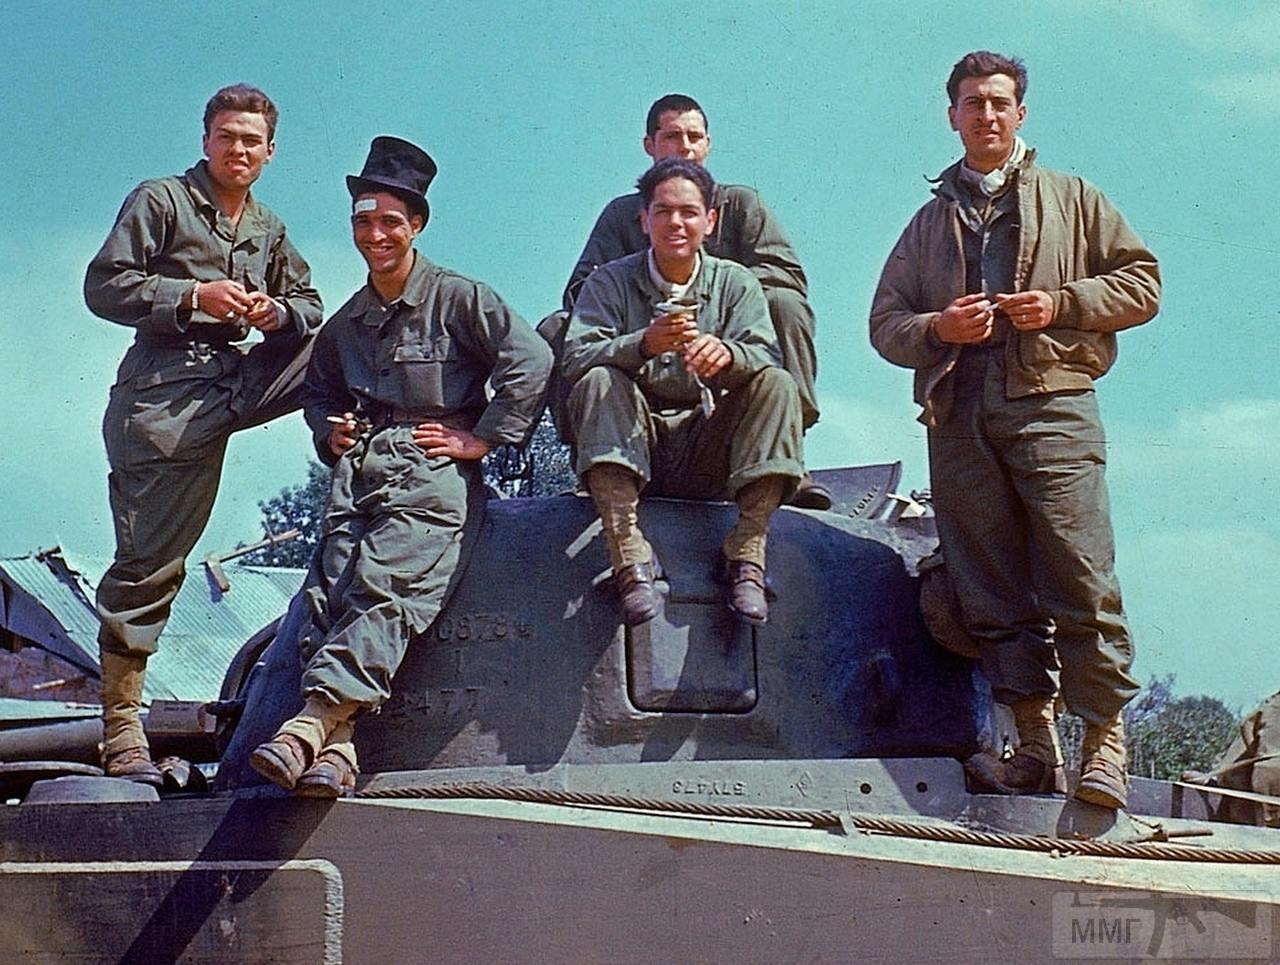 97343 - Военное фото 1939-1945 г.г. Западный фронт и Африка.